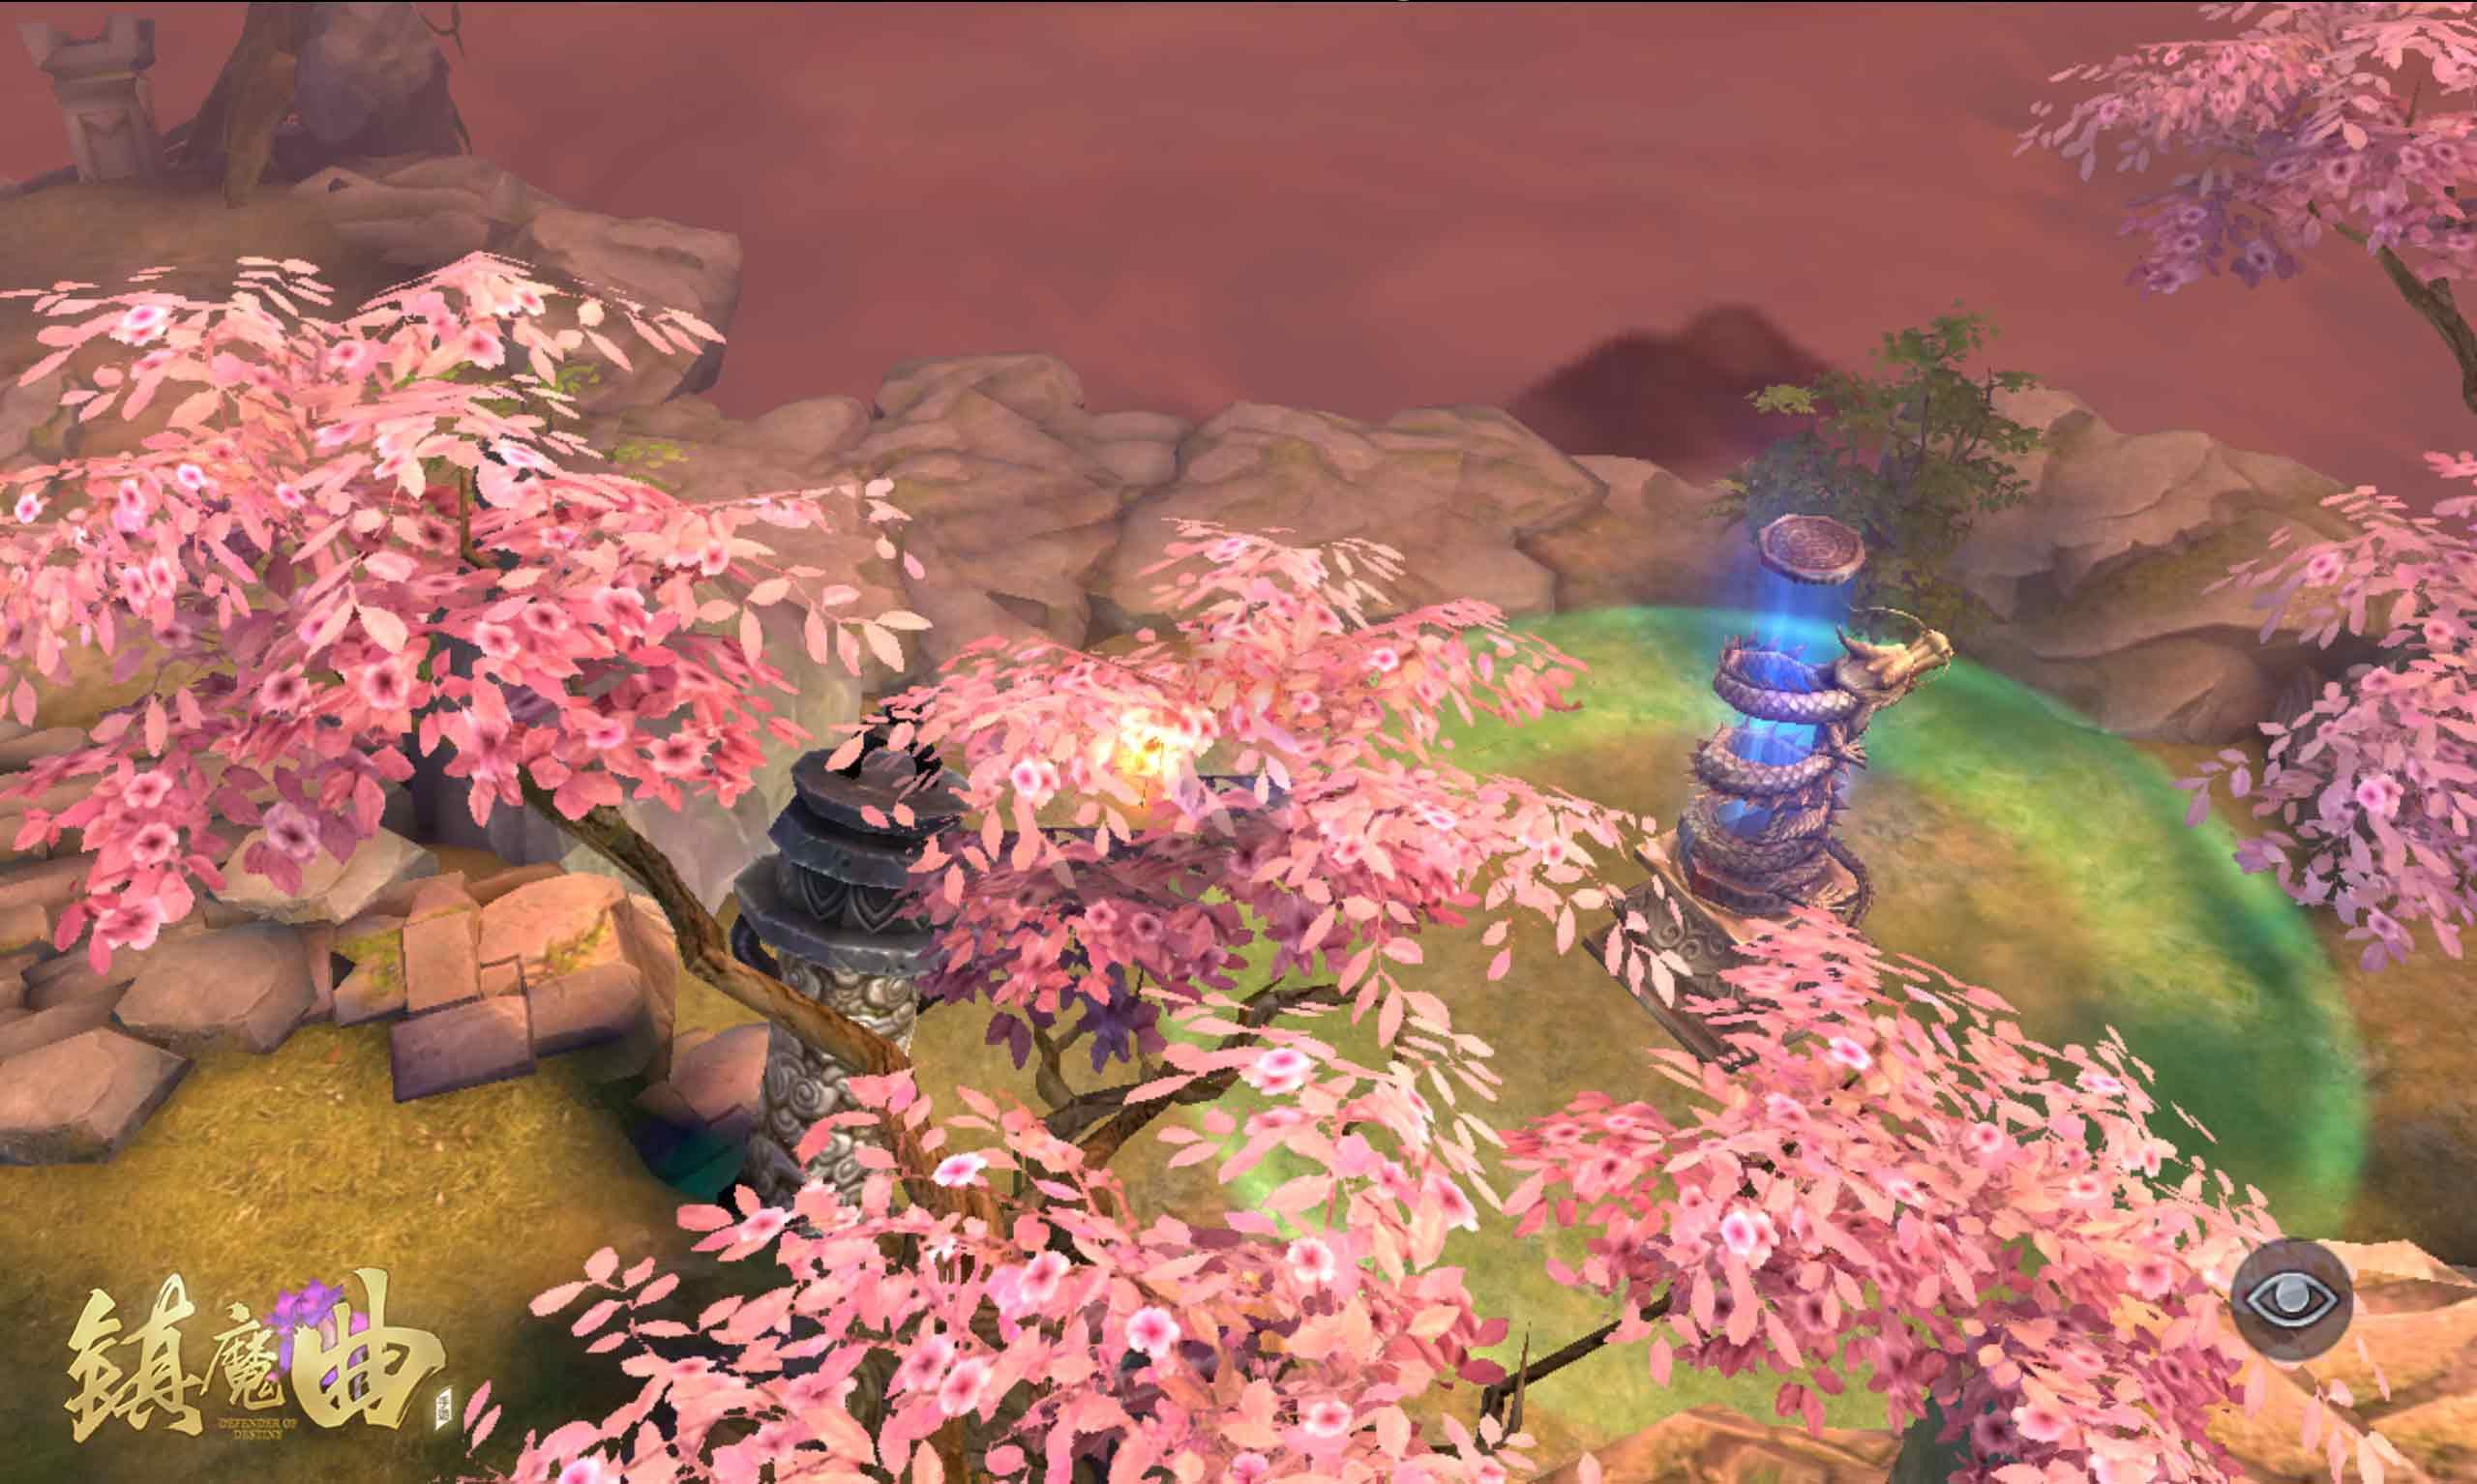 《鎮魔曲》推出新坐騎「筋斗雲」、「五彩祥雲」 同步開放新地圖「隕落天門」、「戰亂光明」